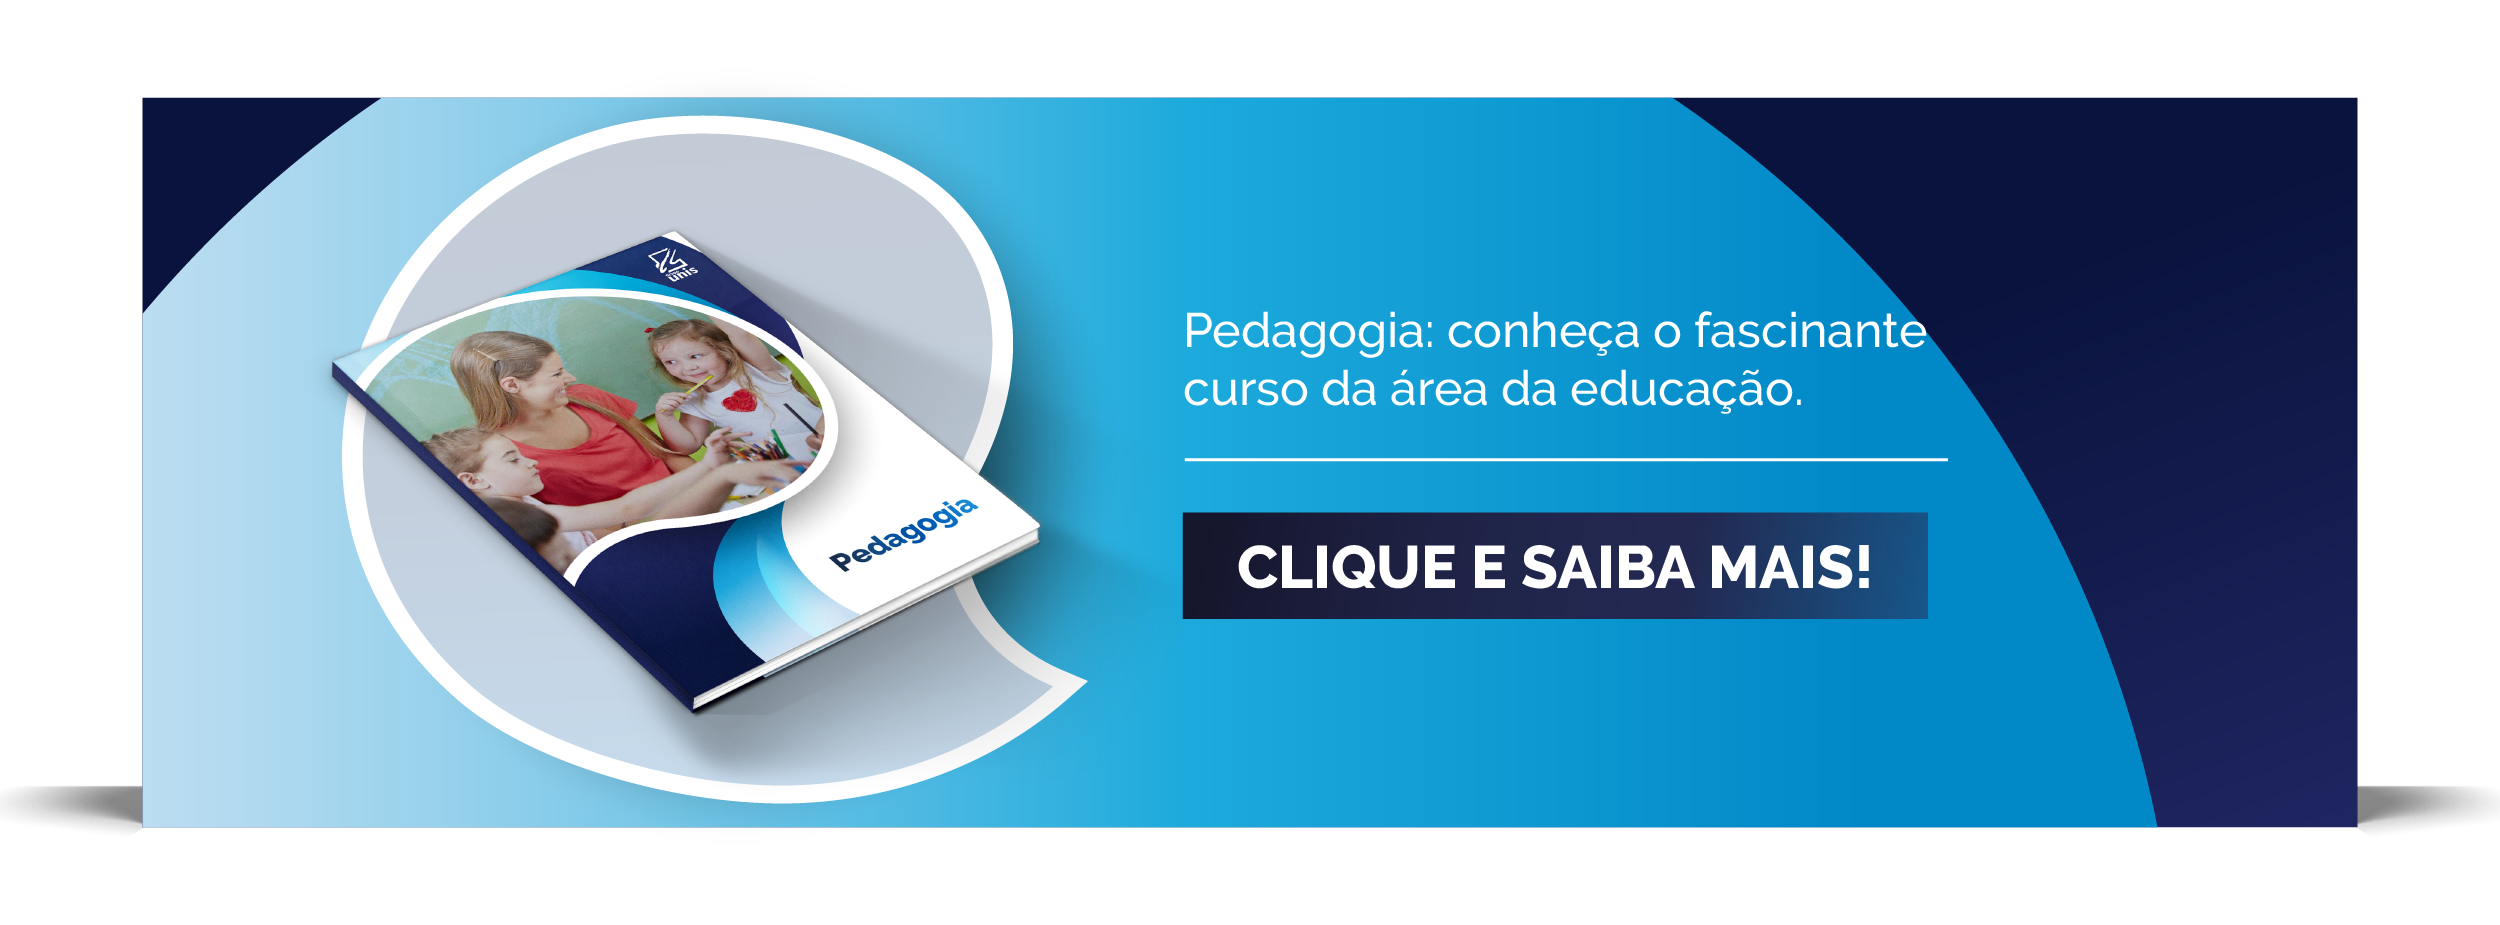 CTAk_UNIS_Pedagogia_1